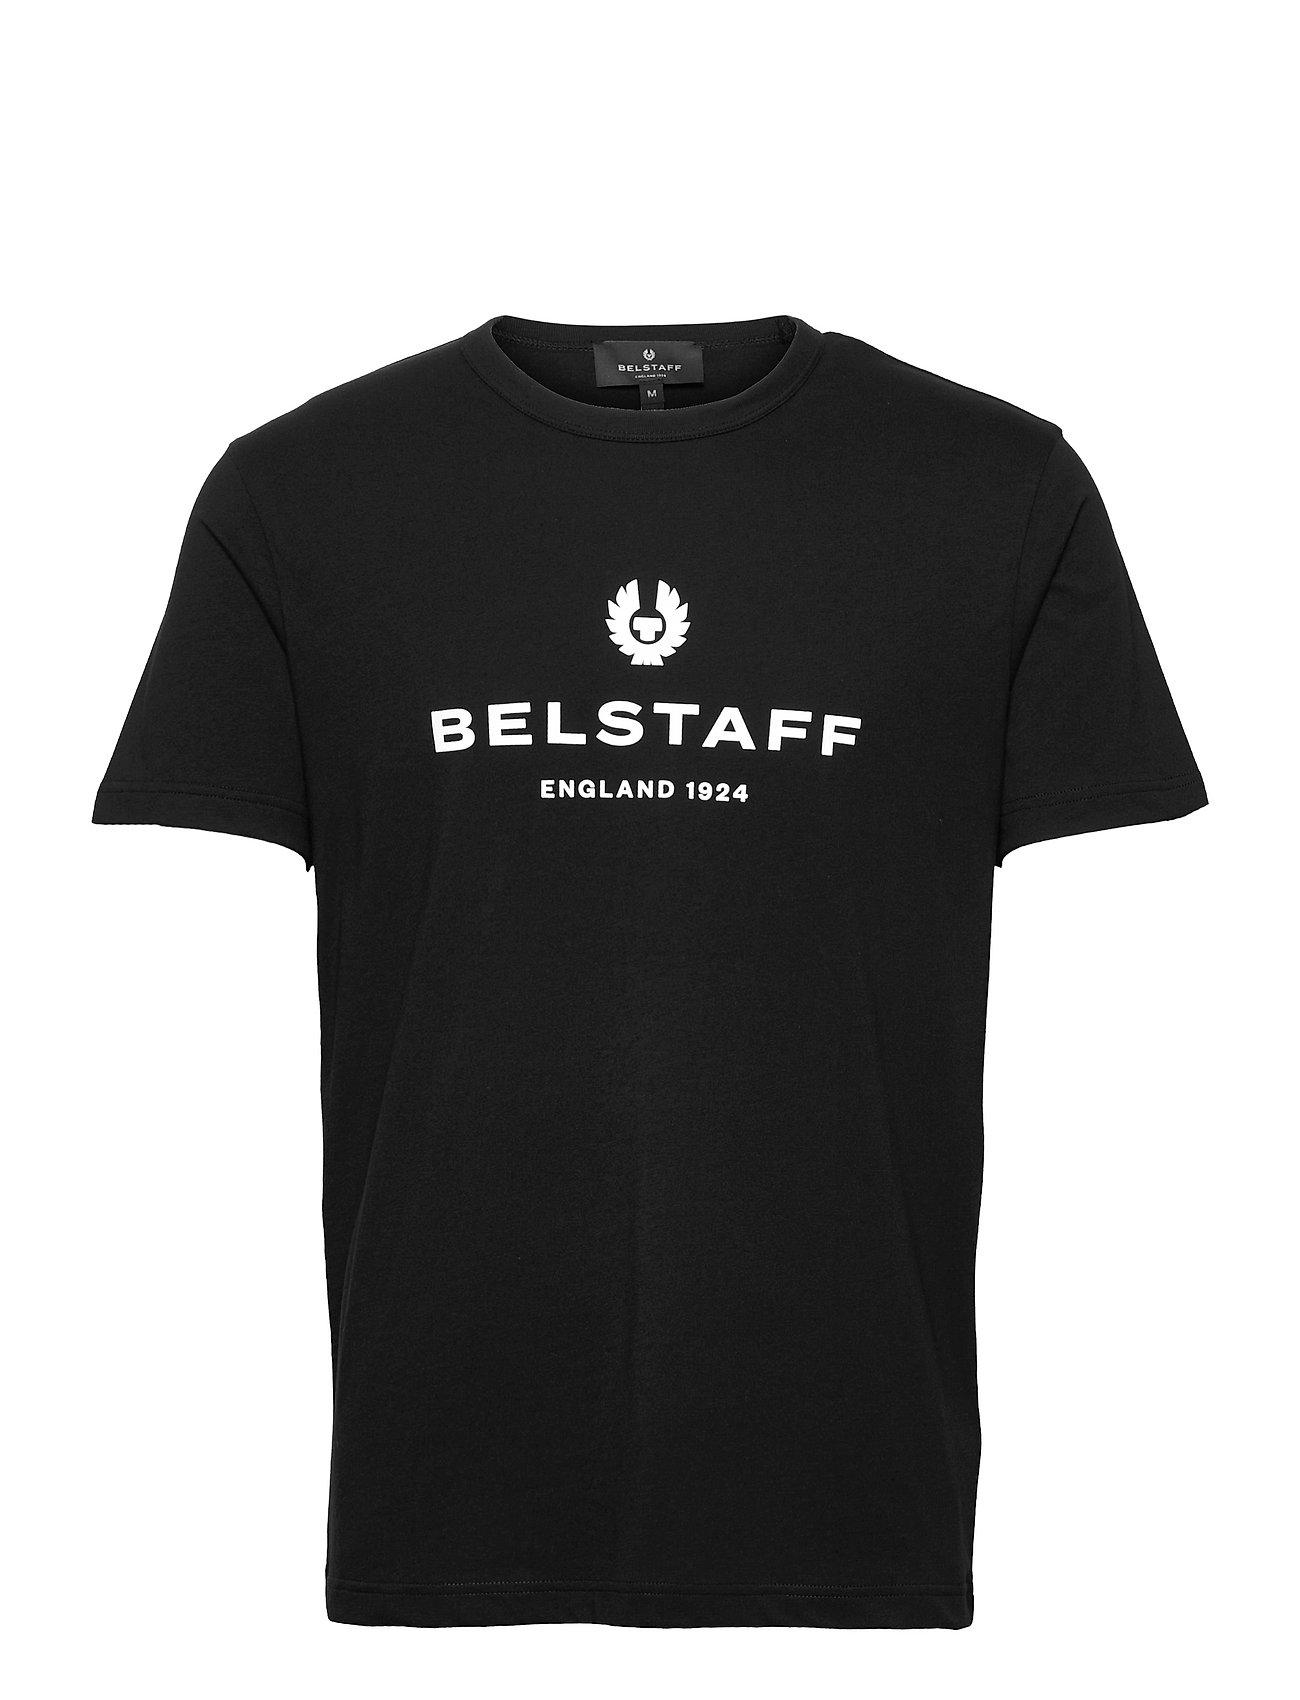 Belstaff 1924 2.0 T-Shirt T-shirt Sort Belstaff